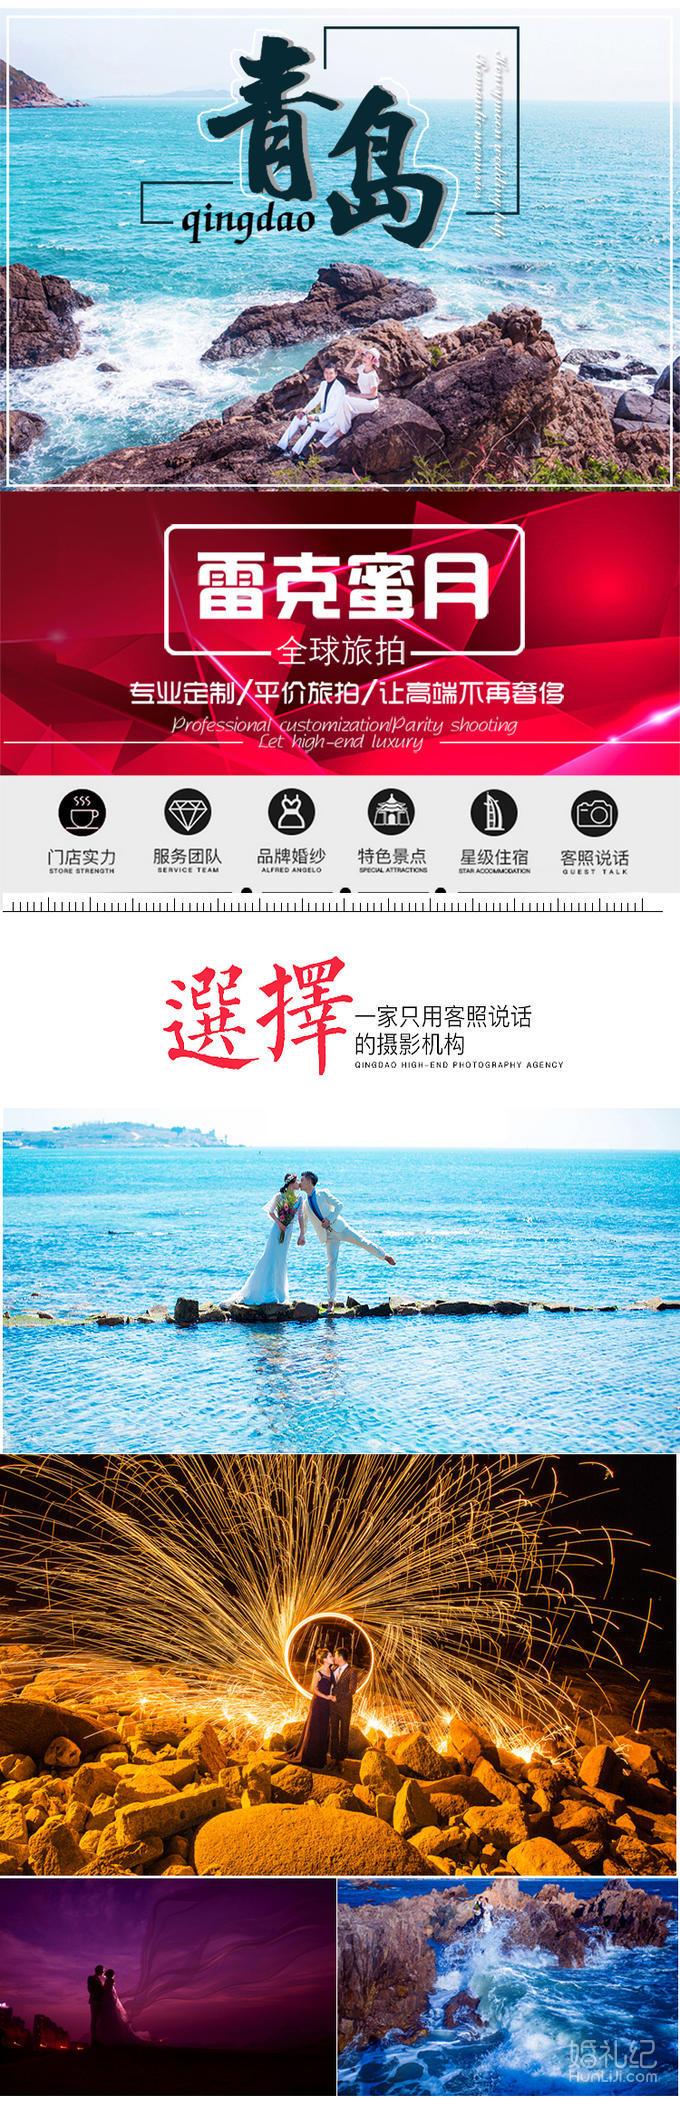 青岛雷克全球旅拍游艇出海 夜景 内景精修100张